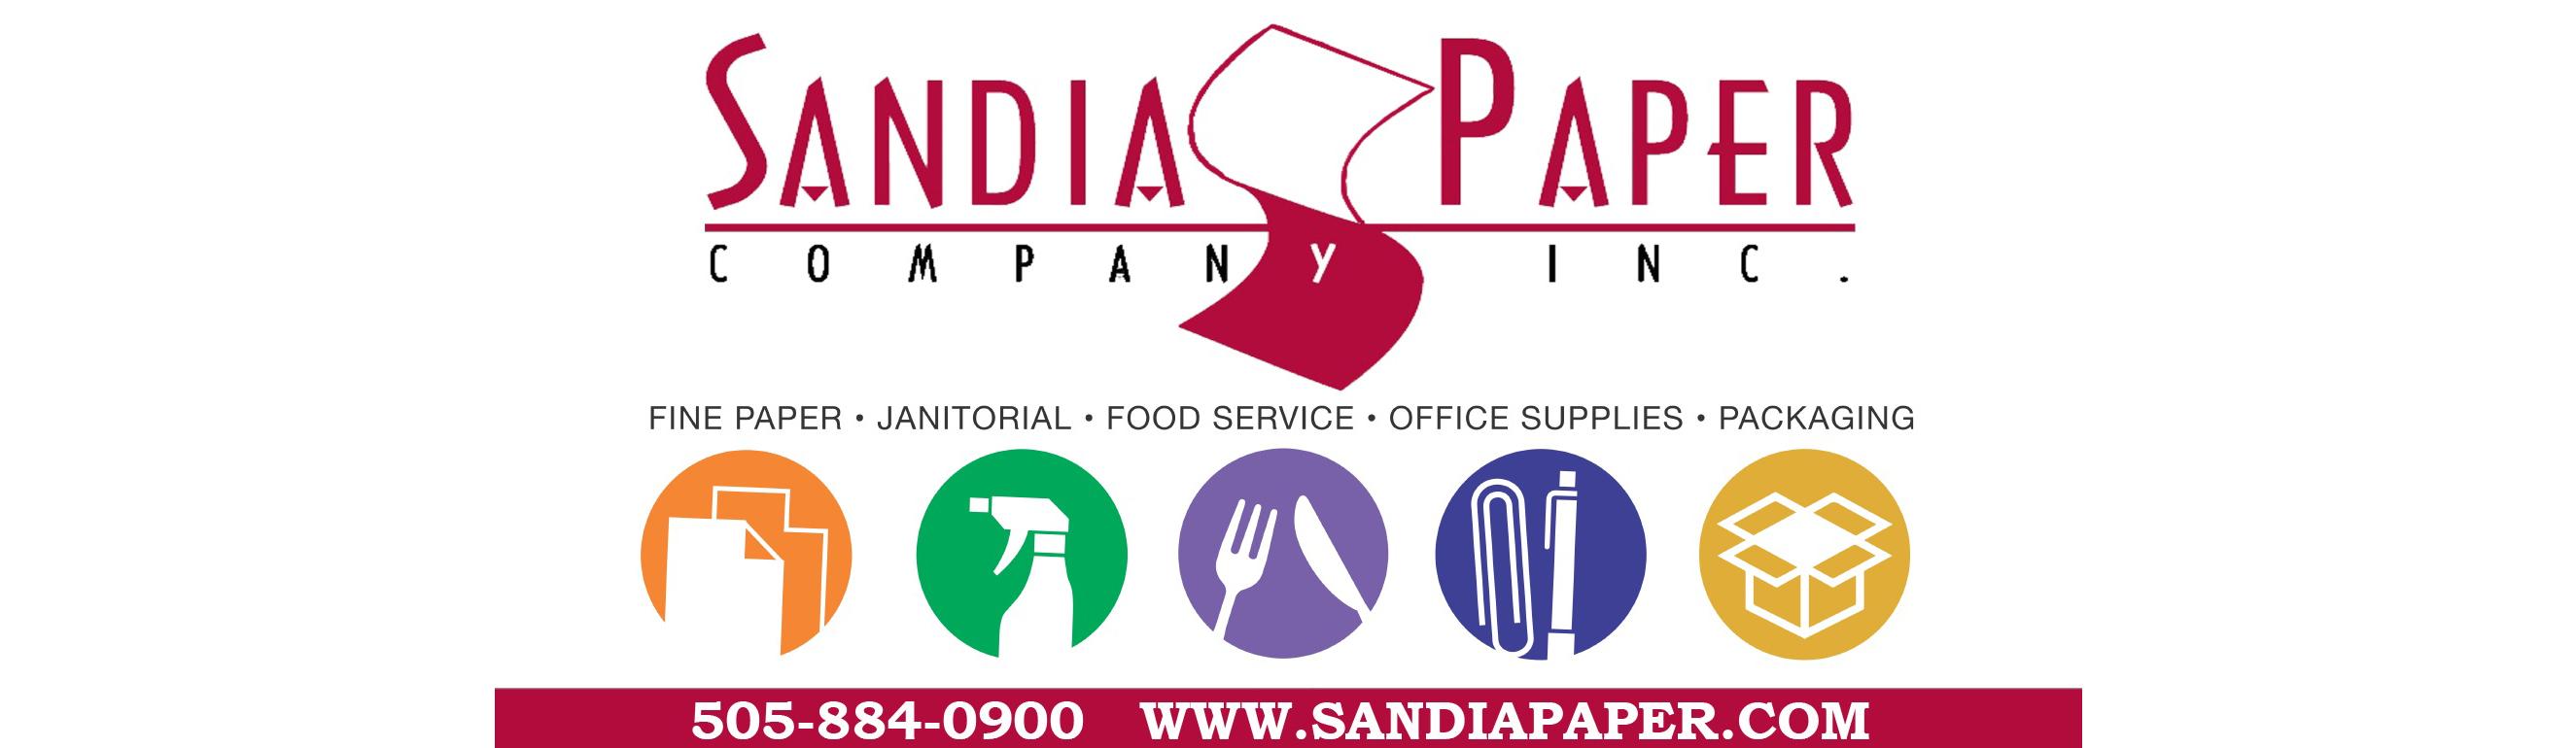 Sandia Paper